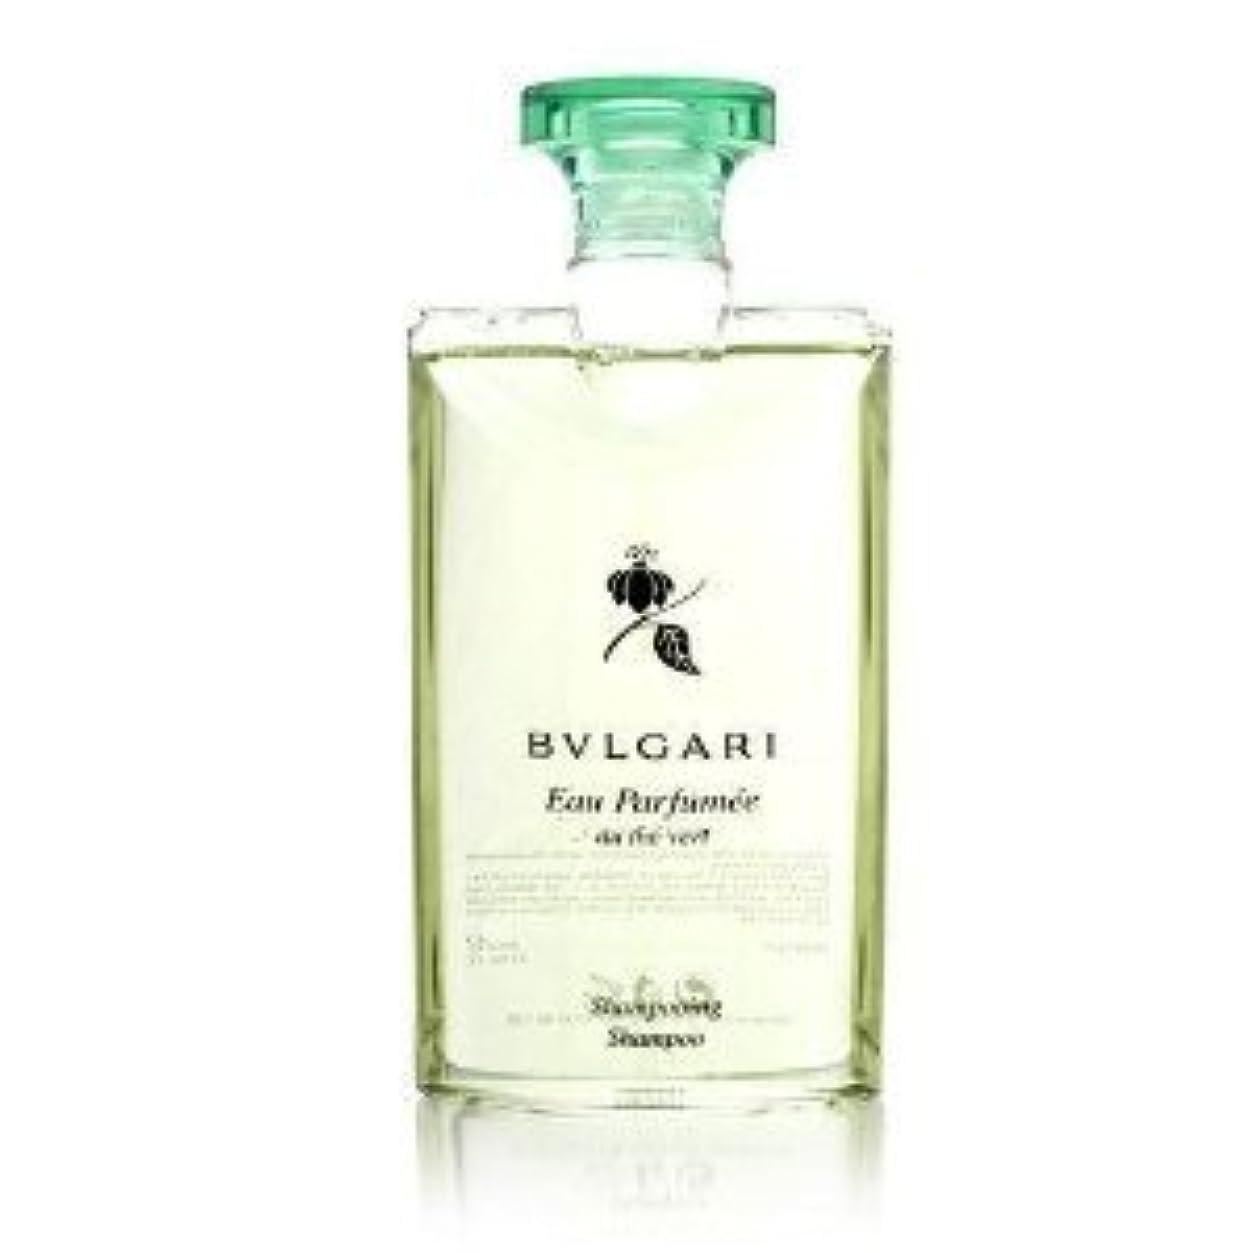 データム申込み七時半Bvlgari Eau Parfumee au the vert (ブルガリ オー パフュ-メ オウ ザ バート / グリーン ティー) 2.5 oz (75ml) シャンプー